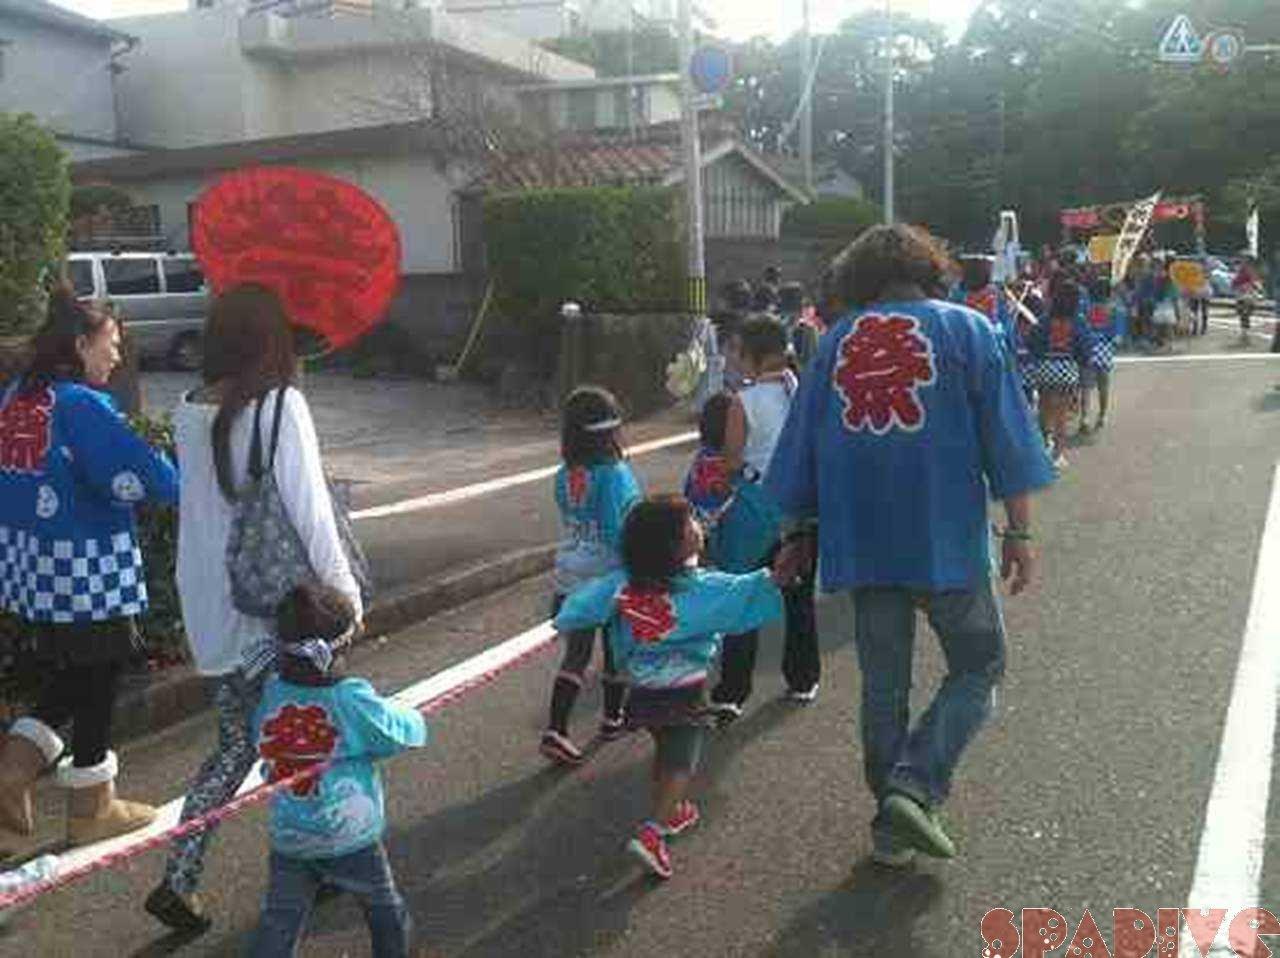 熊野三所神社例大祭へ娘と参加の2日間 10/16-17/2011